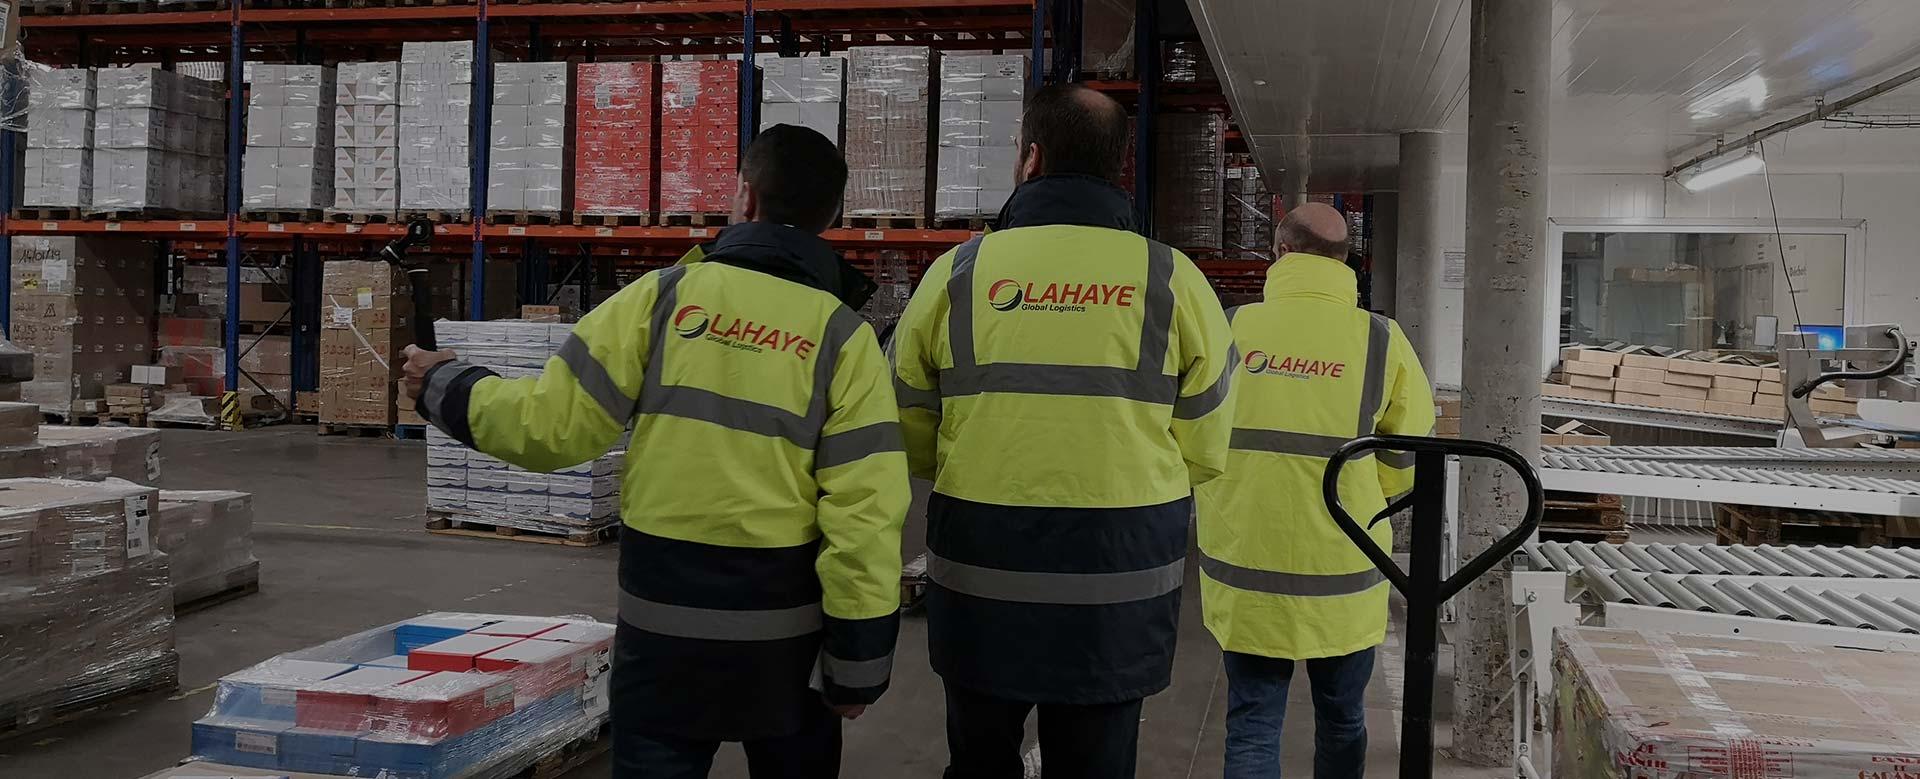 Lahaye Global Logistics Couverture Sante Et Securite Au Travail